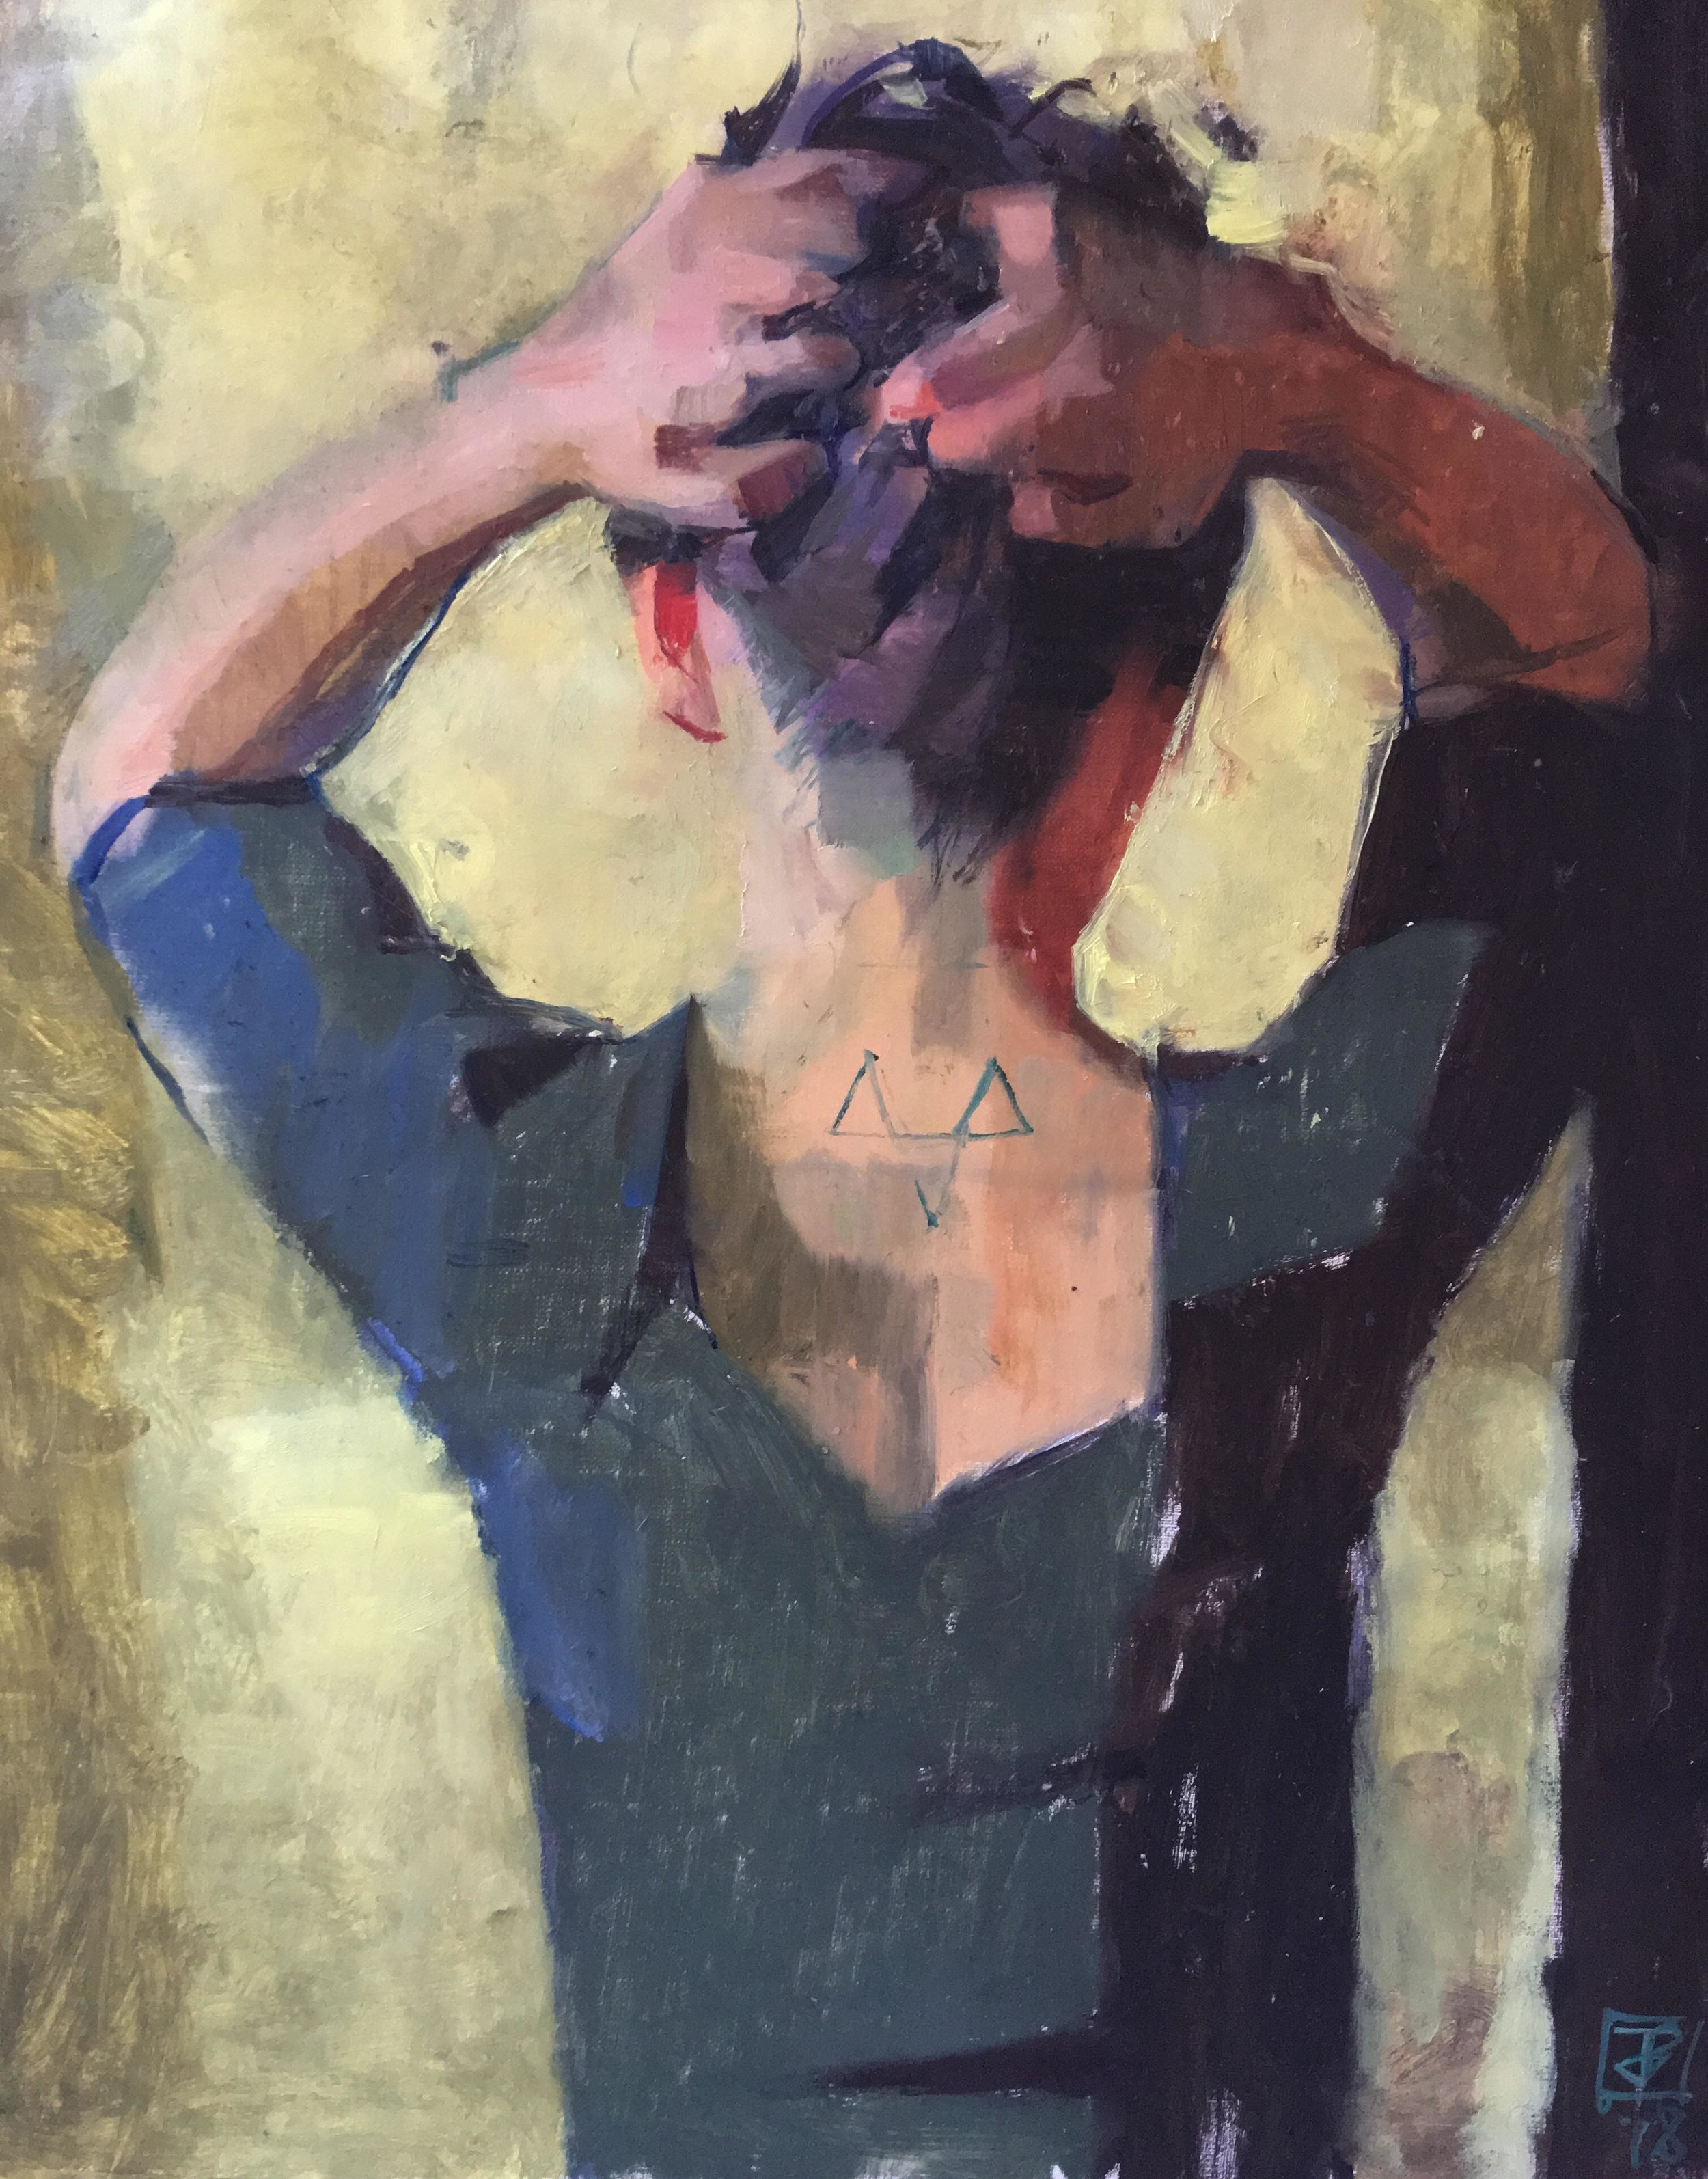 Peint par James Bland, une chance